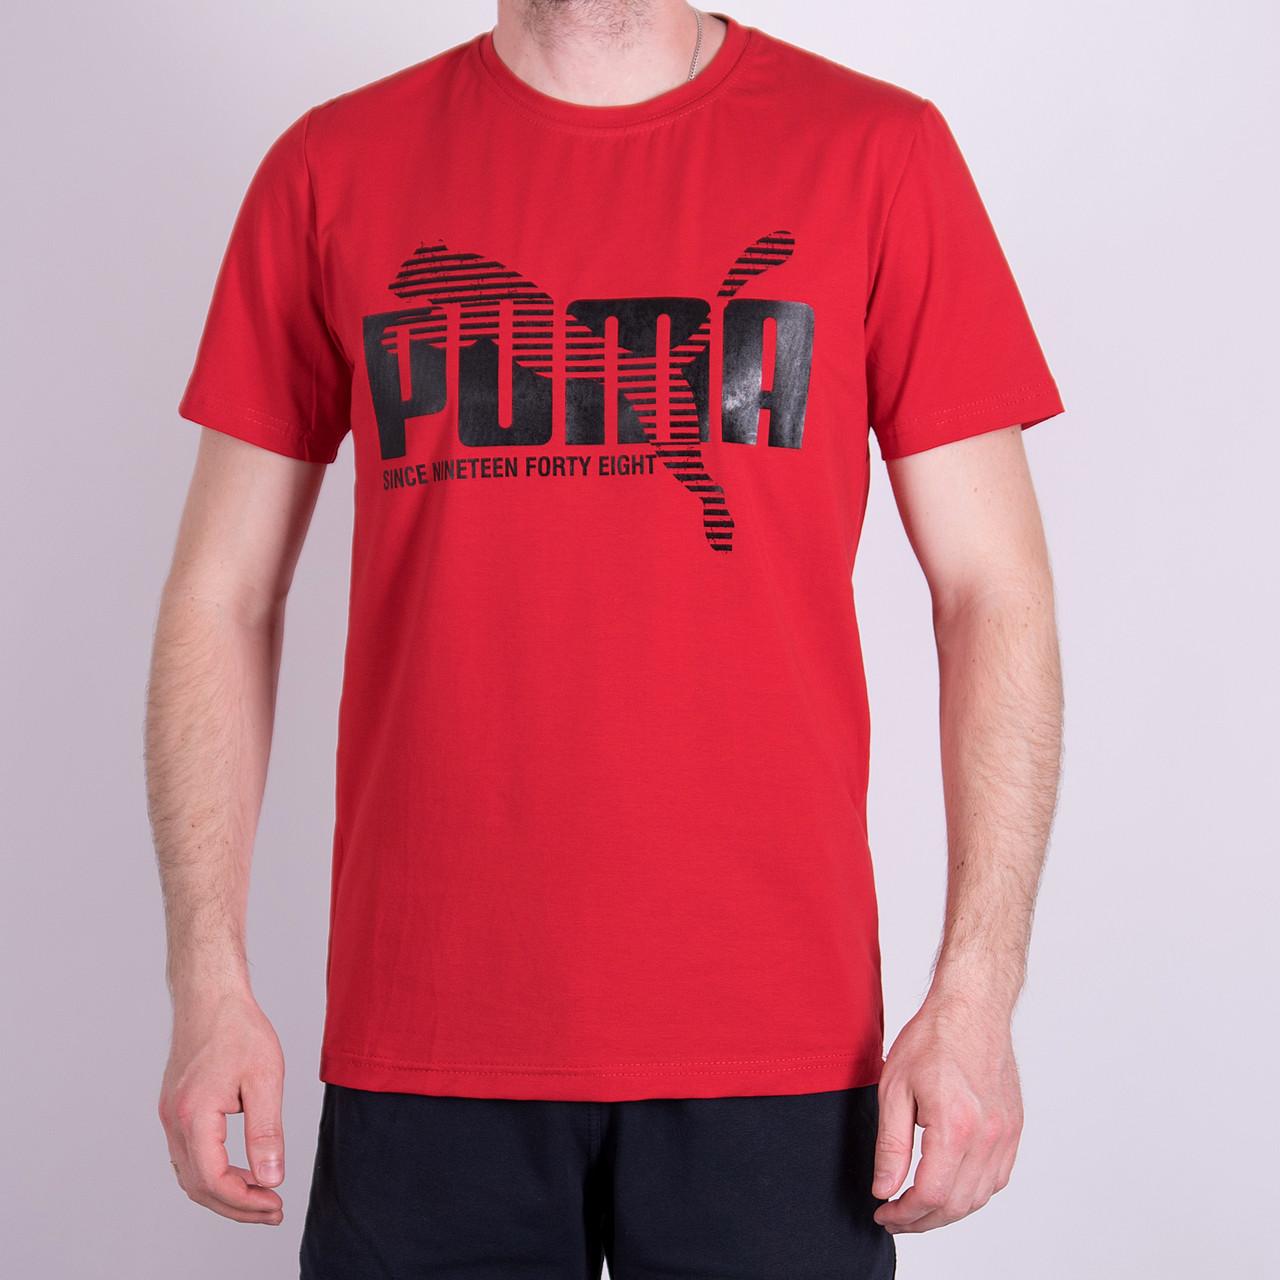 Чоловіча футболка Puma, червоного кольору